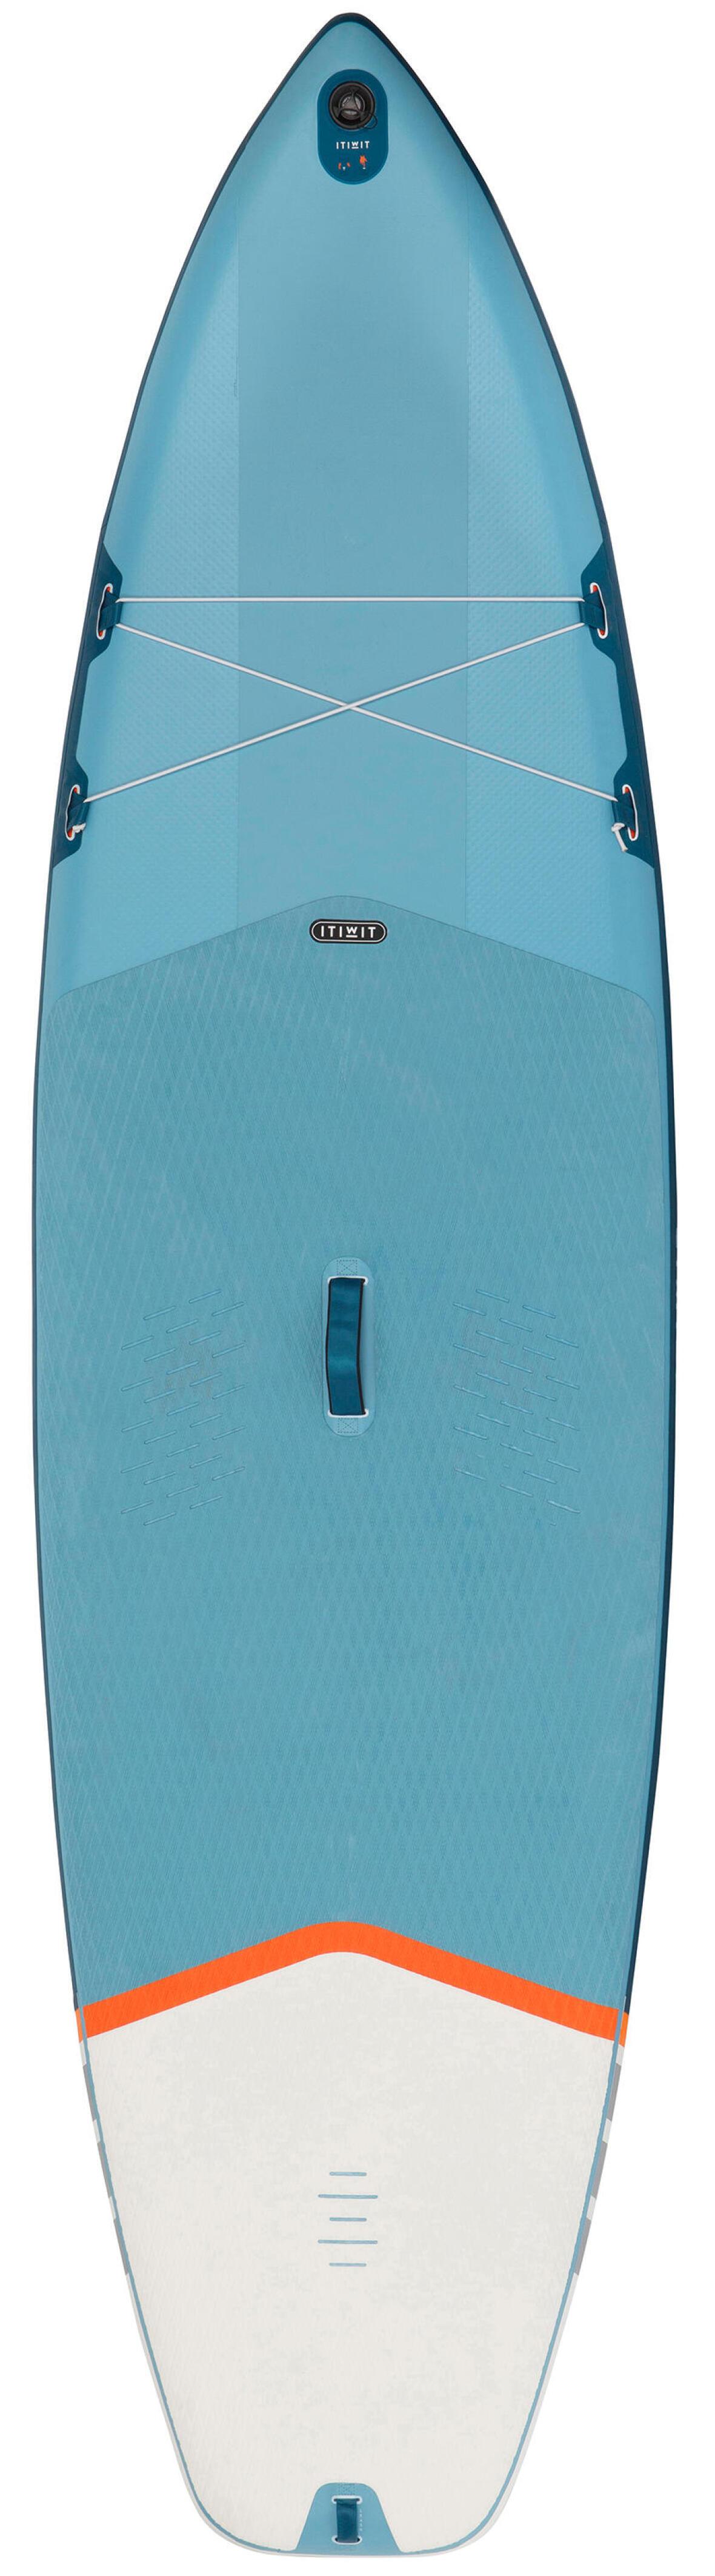 itiwit-sup-aufblasbar-x100-11-blau-decathlon